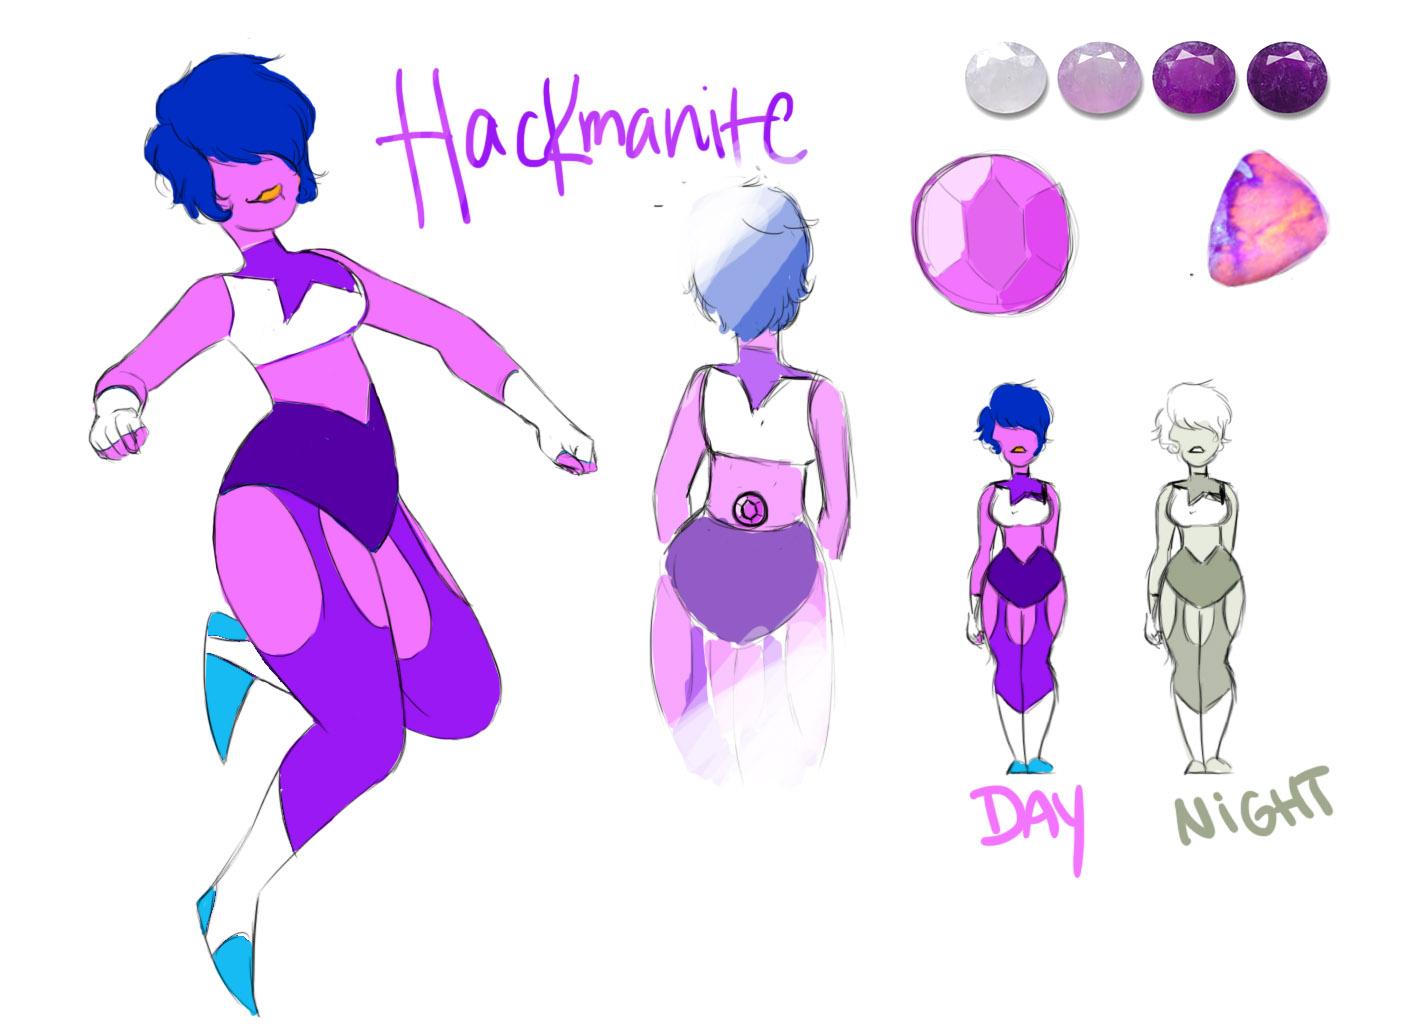 Hackmanite - Gemsona OC by h4e on DeviantArt